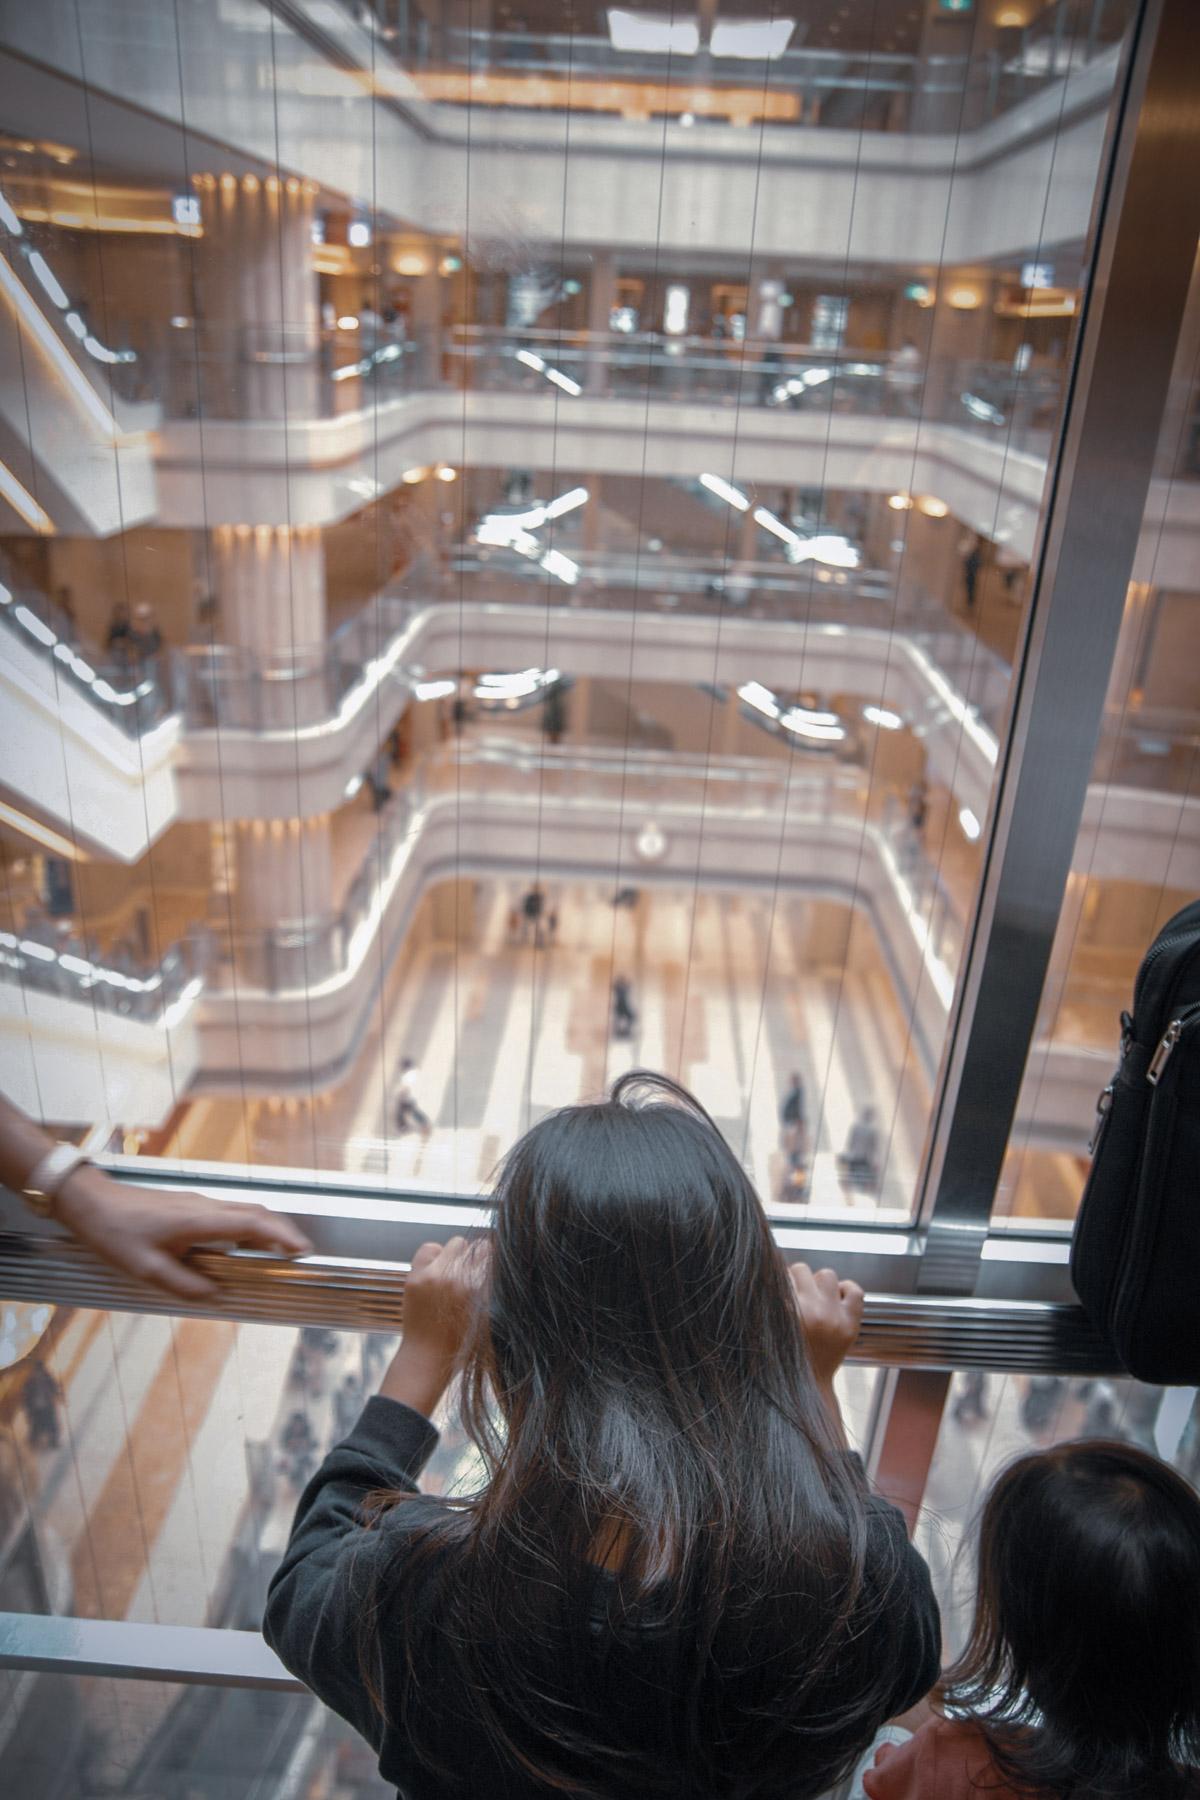 羽田空港第1ターミナル ガラス張りのエレベータと女の子